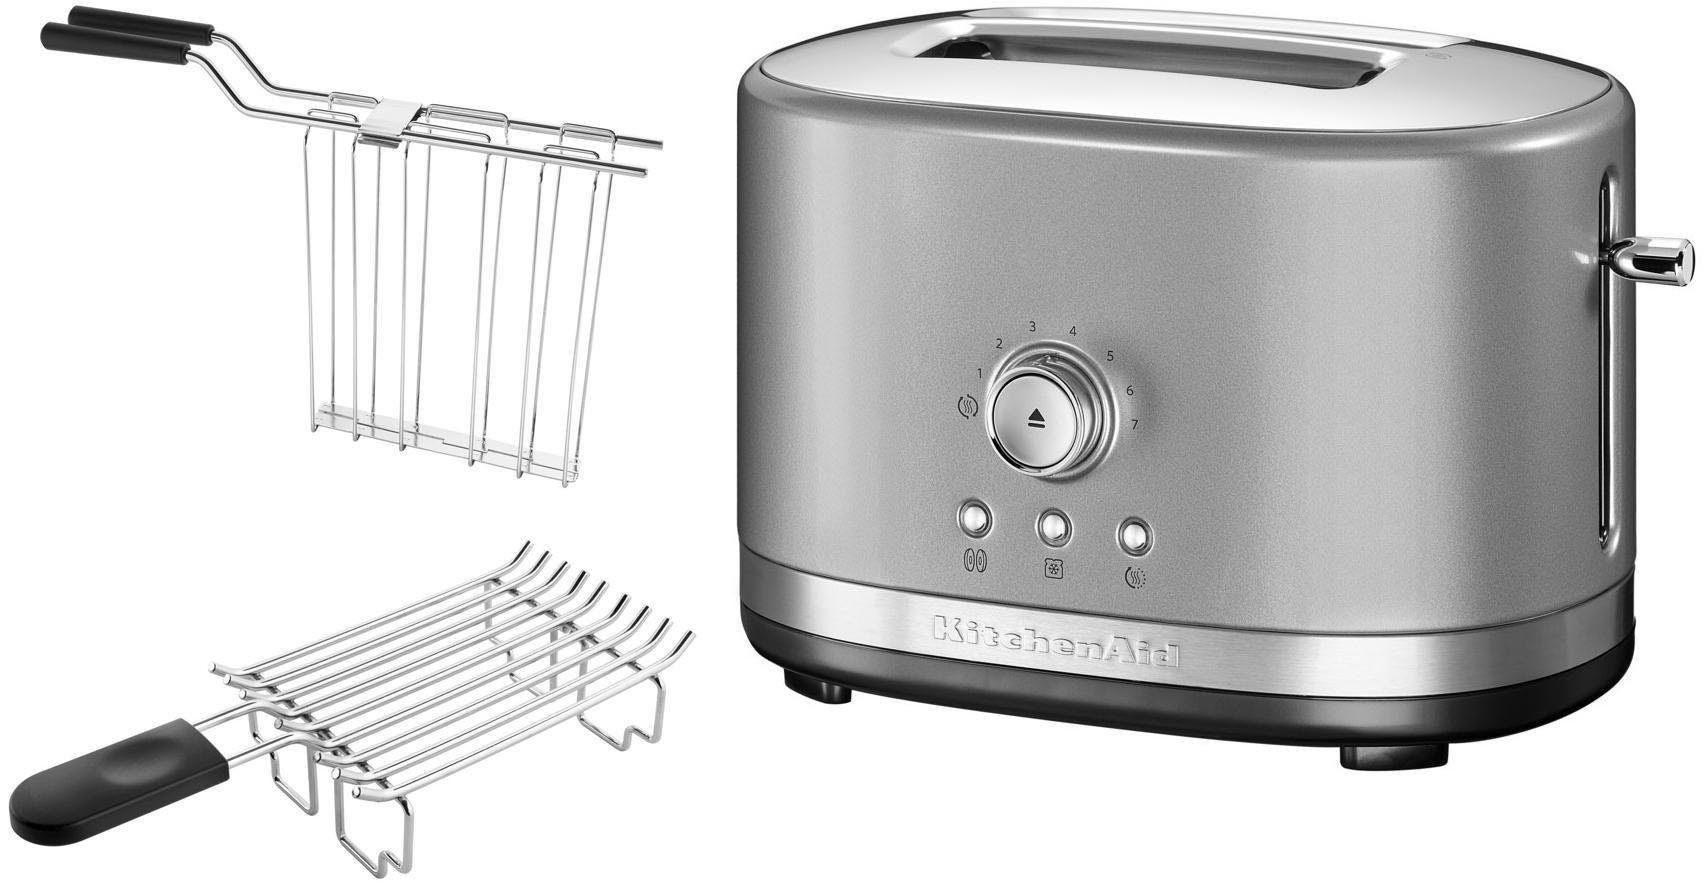 Amerikanischer Kühlschrank Otto : Kitchenaid toaster online kaufen otto